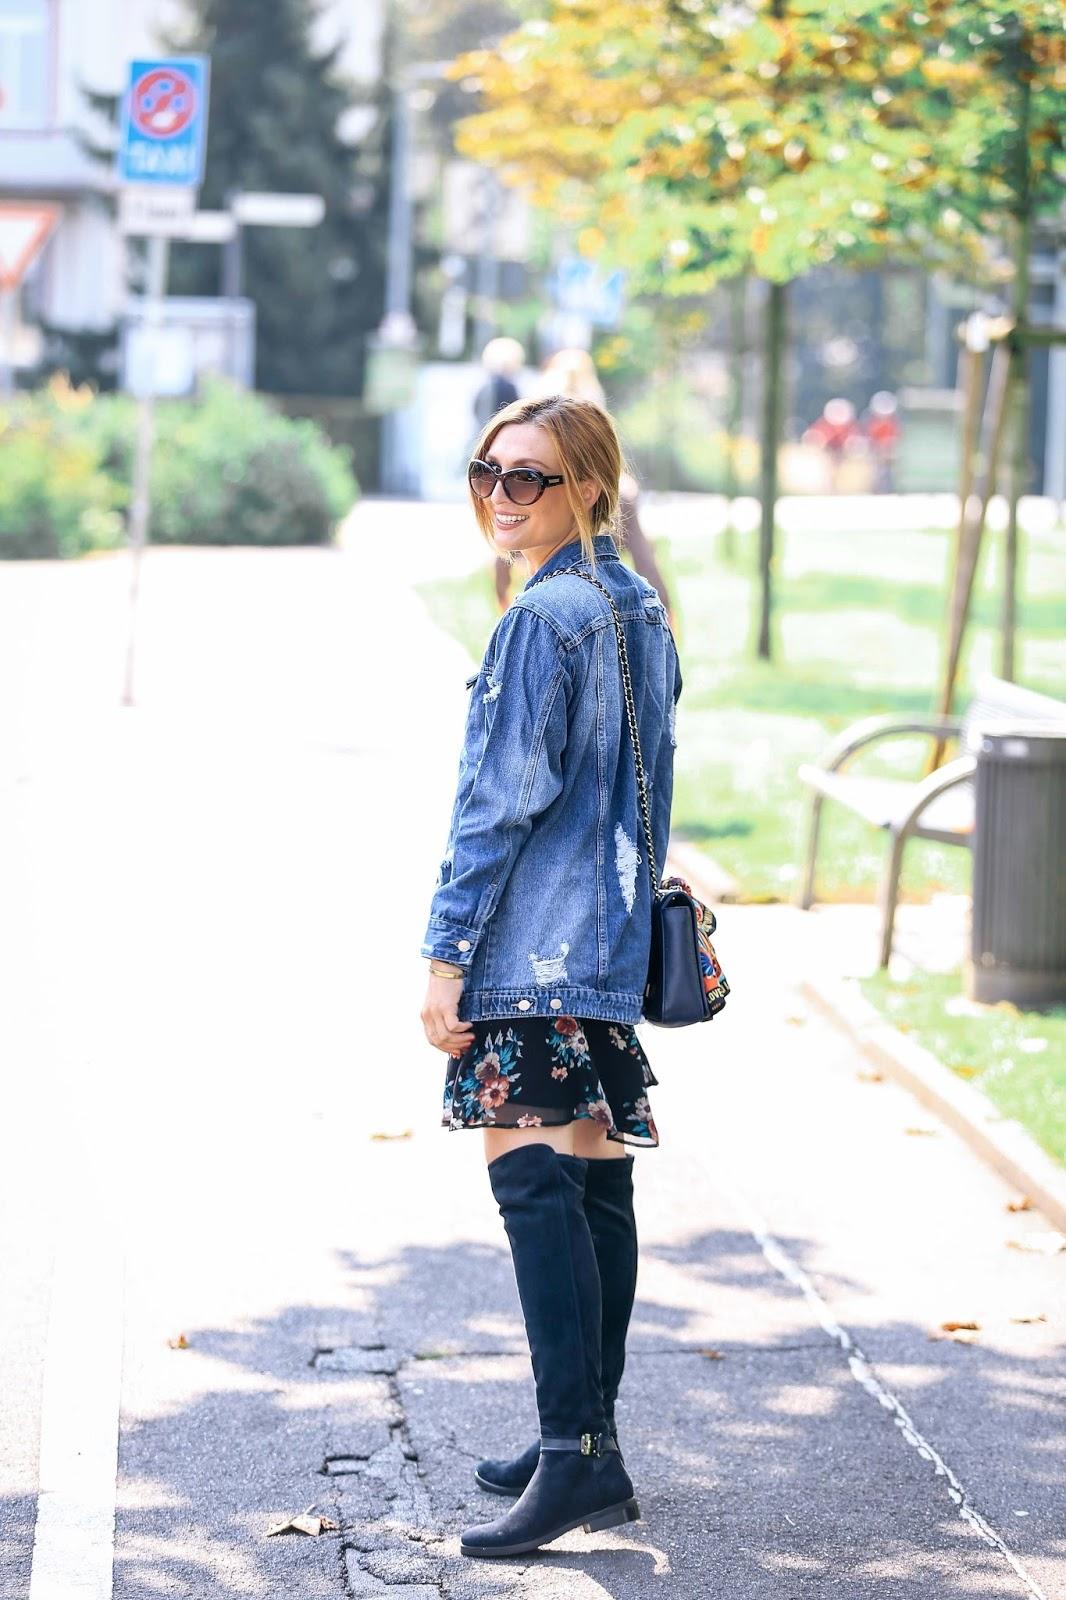 Jeansjacke-bloggerstyle-blogger-mit-jeansjacke-ripped-jacket-blumenkleid-Fashionblogger-aus-deutschland-deutsche-blogger-fashionstylebyjohanna